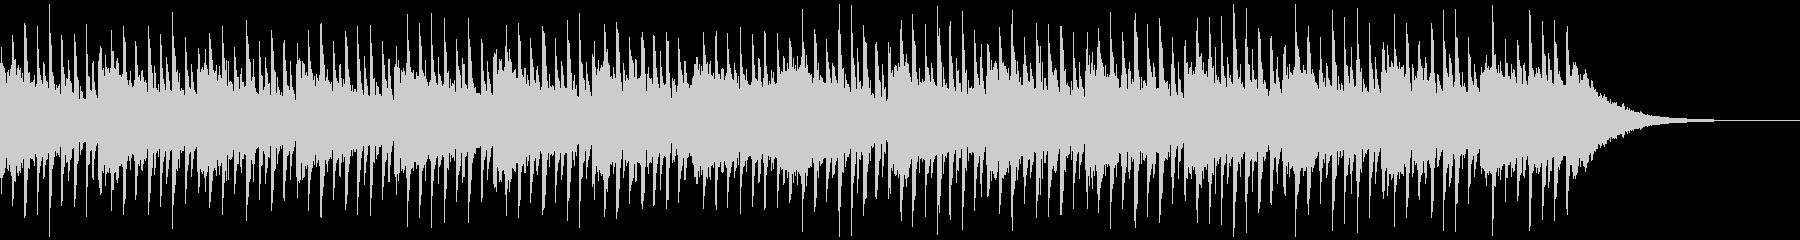 インタビューの背景(40秒)の未再生の波形